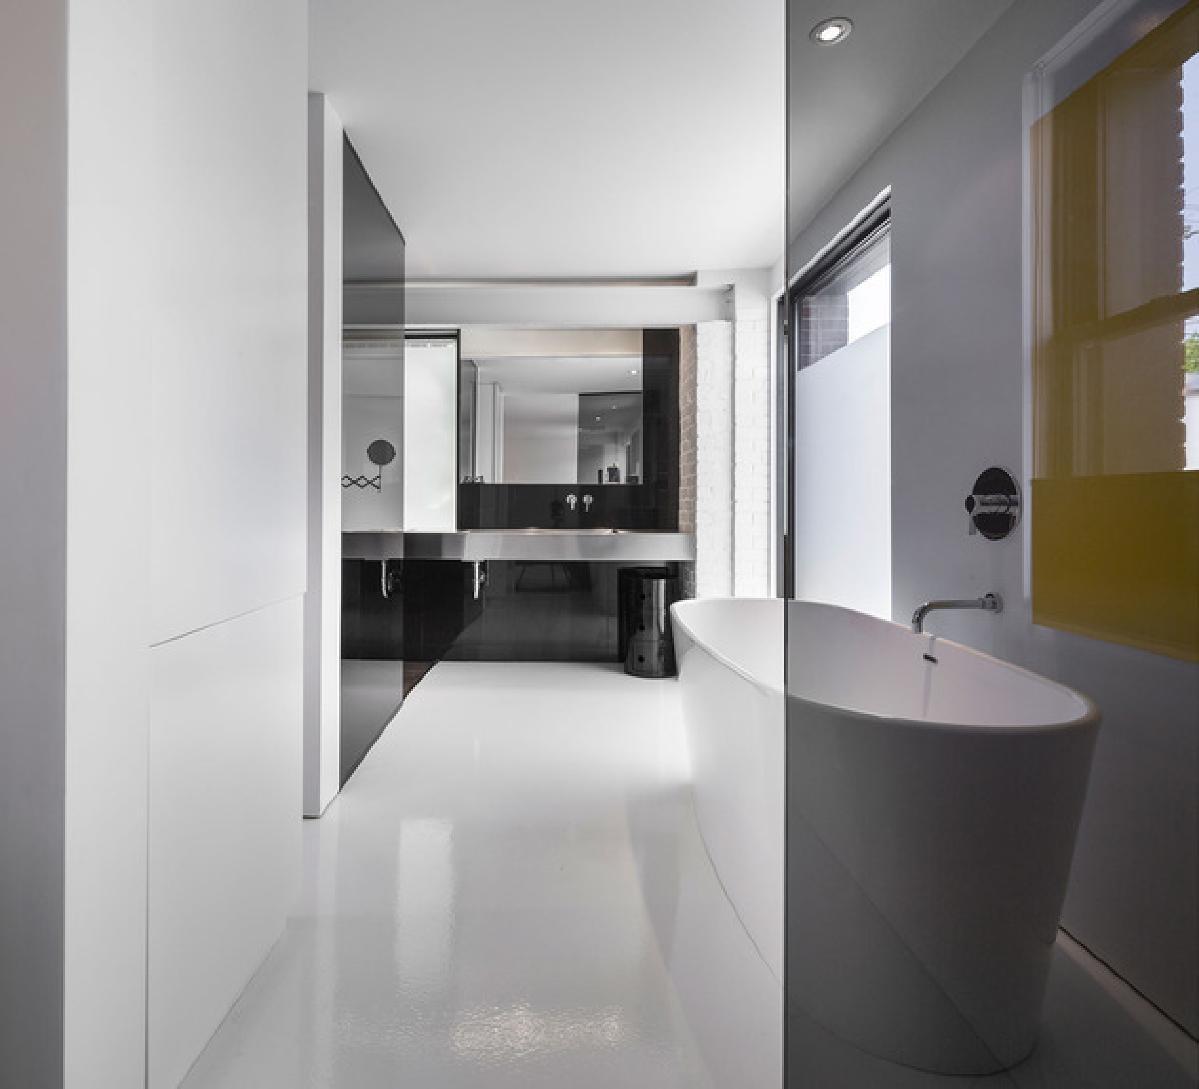 一个私人浴室结合了混凝土,木材,瓷器,不锈钢,玻璃,水,并相信与否,着火